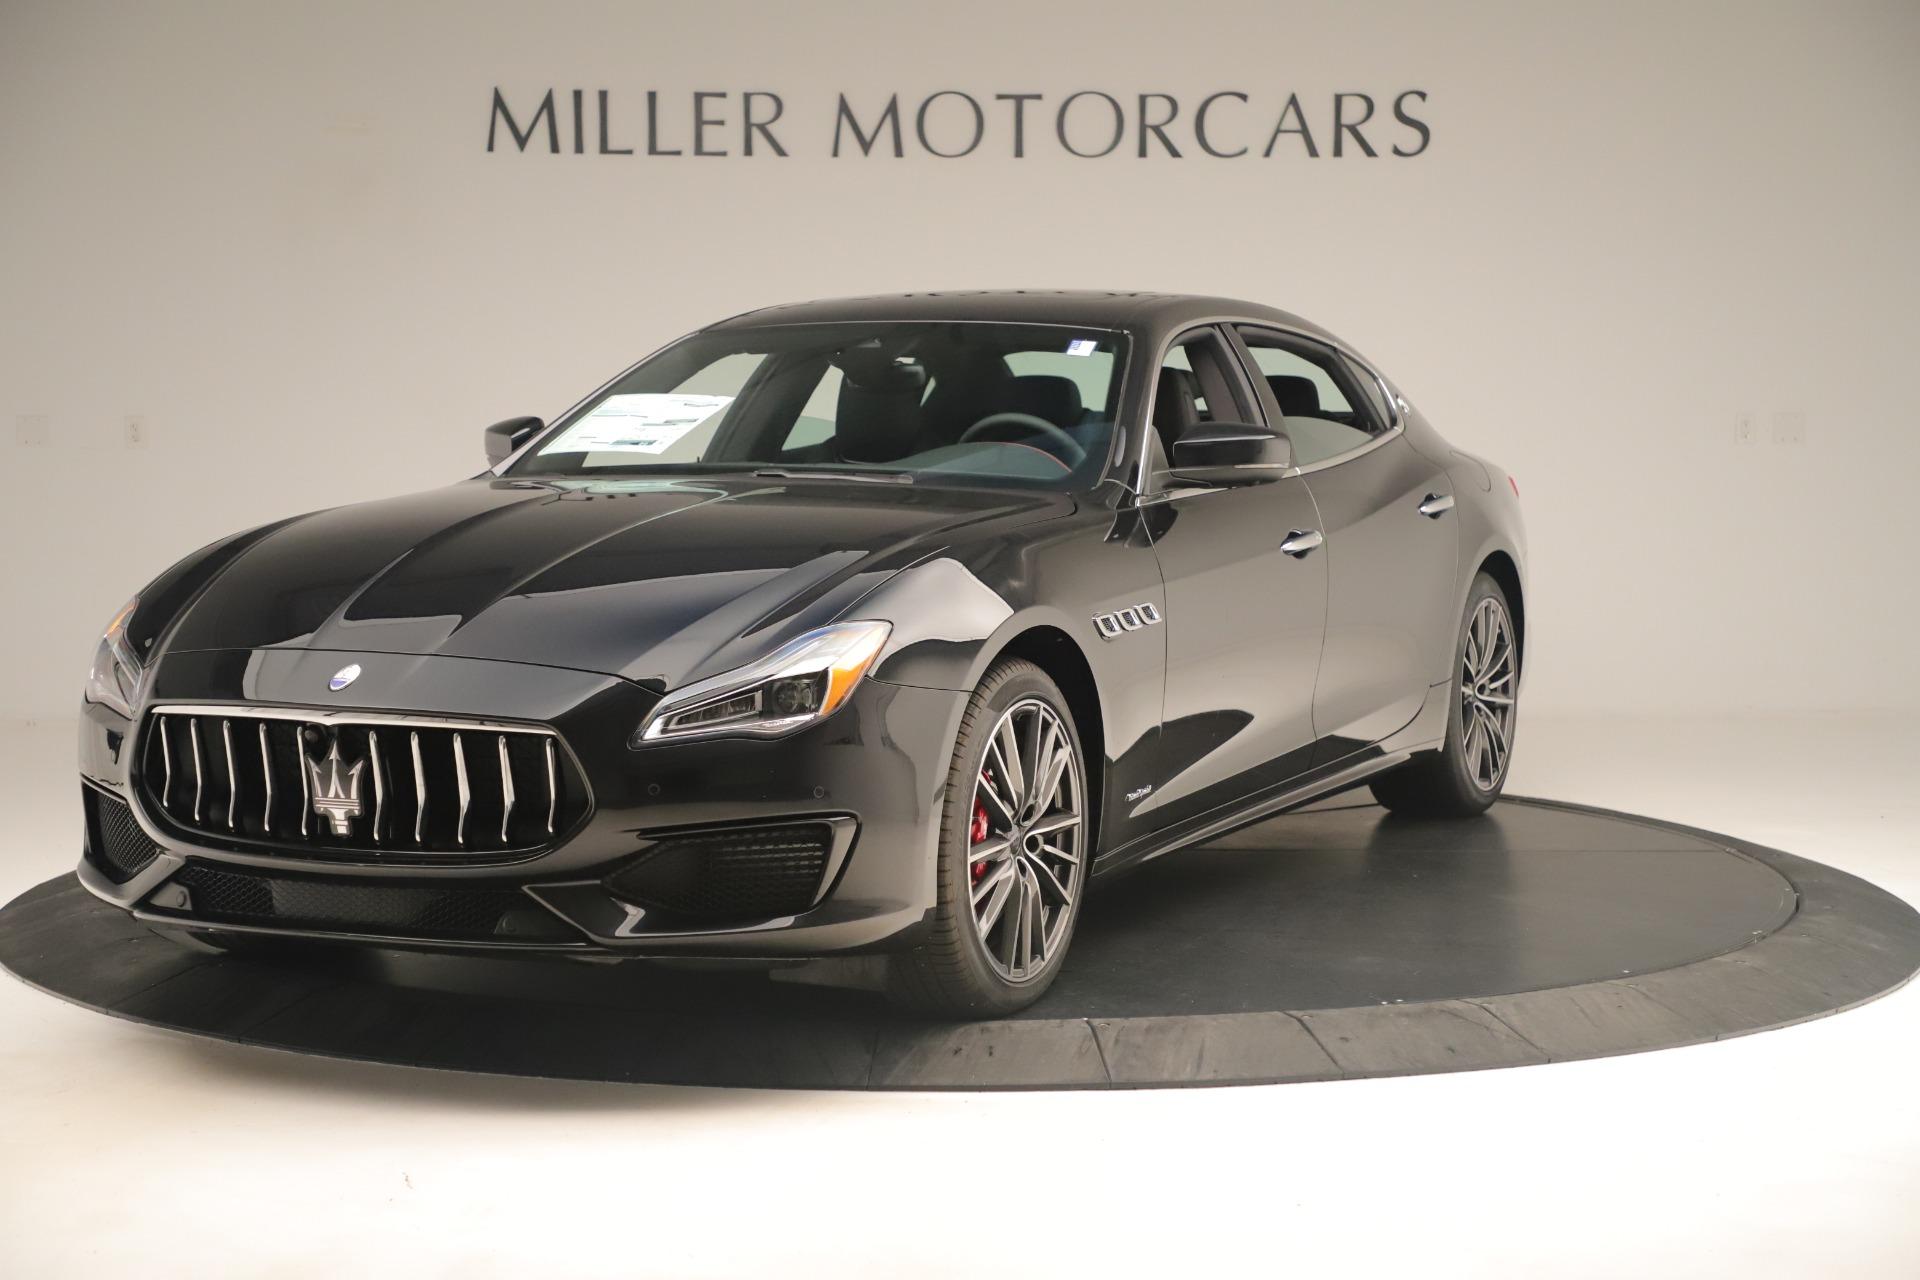 New 2019 Maserati Quattroporte S Q4 GranSport for sale $130,855 at Maserati of Westport in Westport CT 06880 1